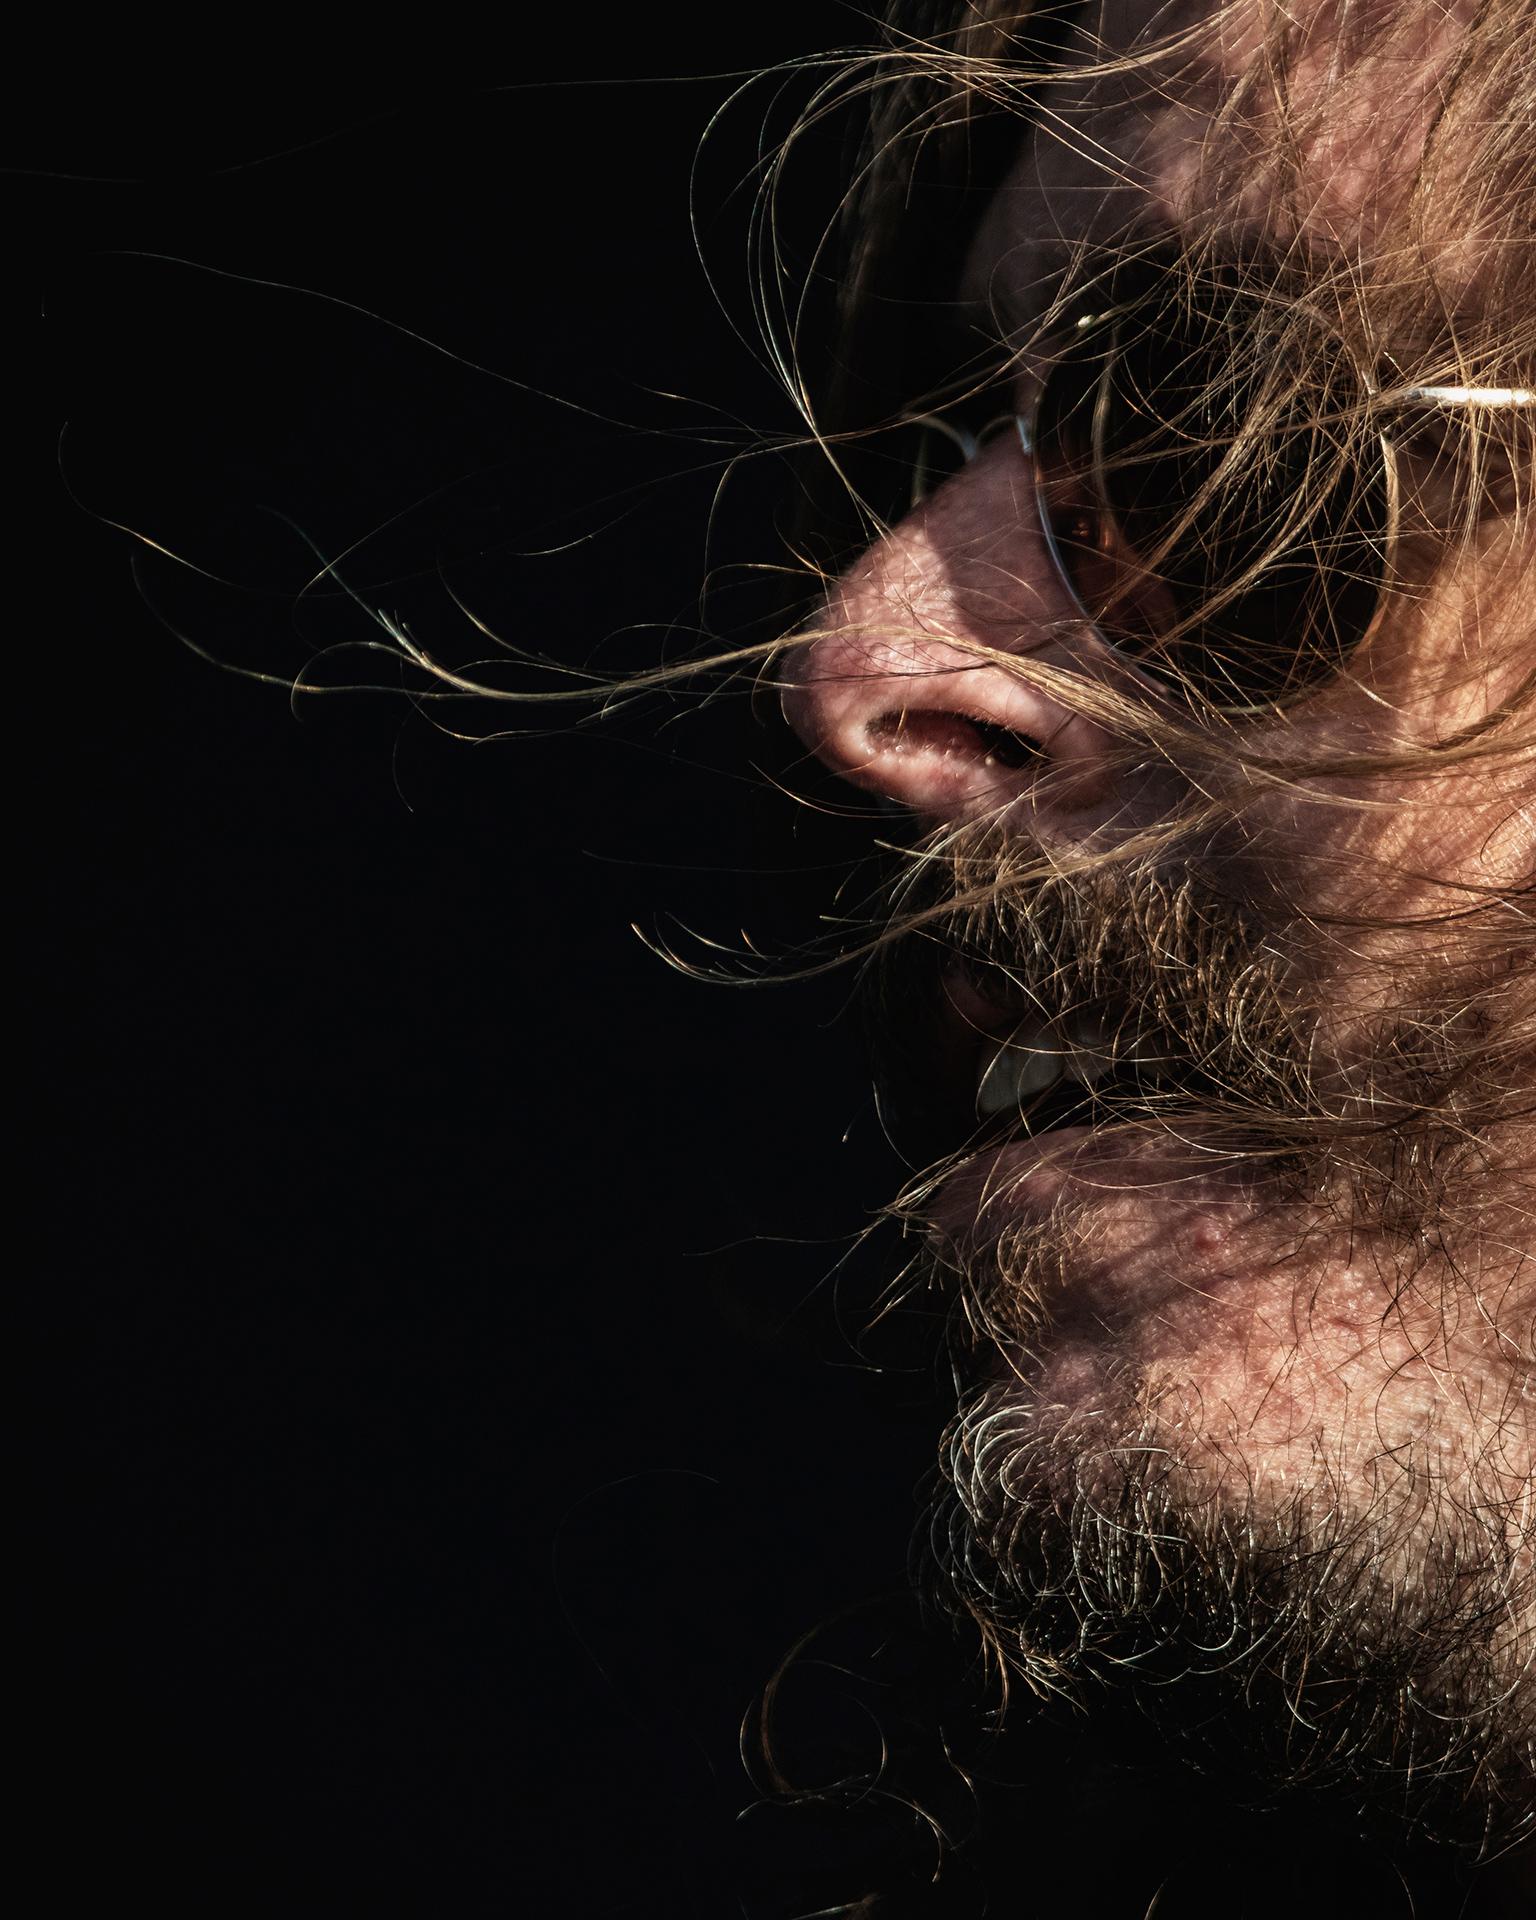 Mikael Åkerfeldt, Opeth band, guitarist, vocalist, Tuska metal festival